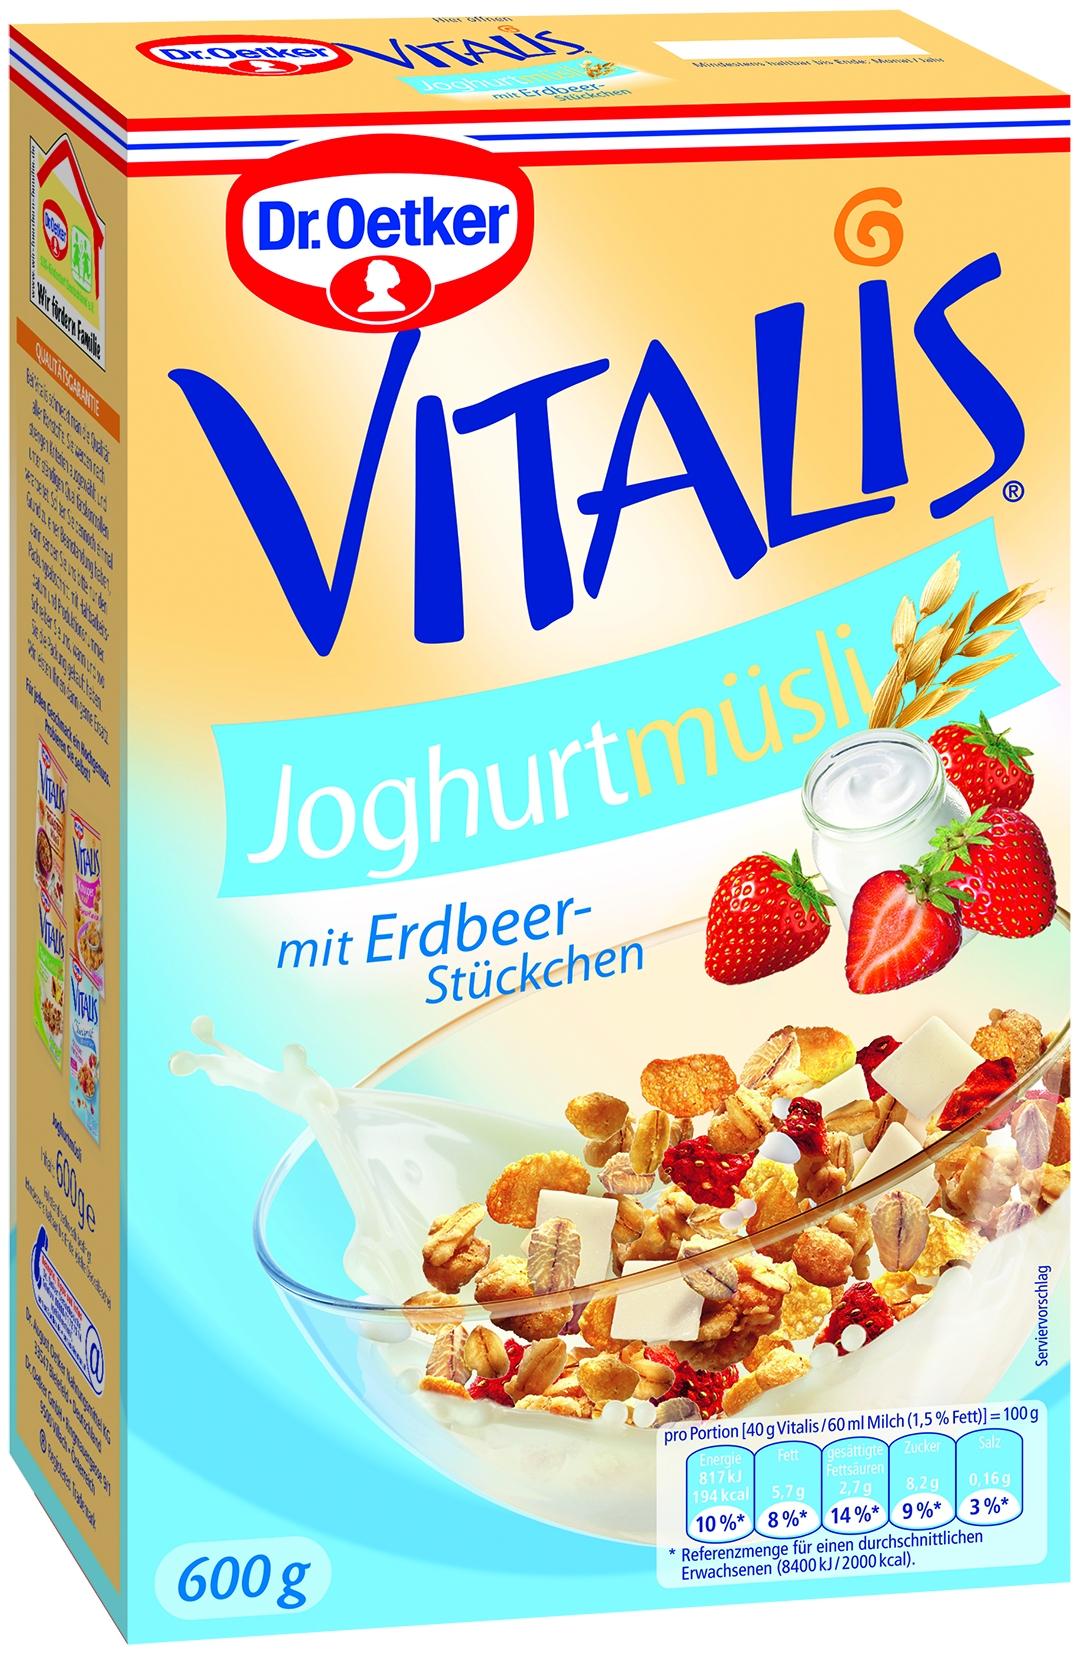 Vitalis Joghurt Muesli